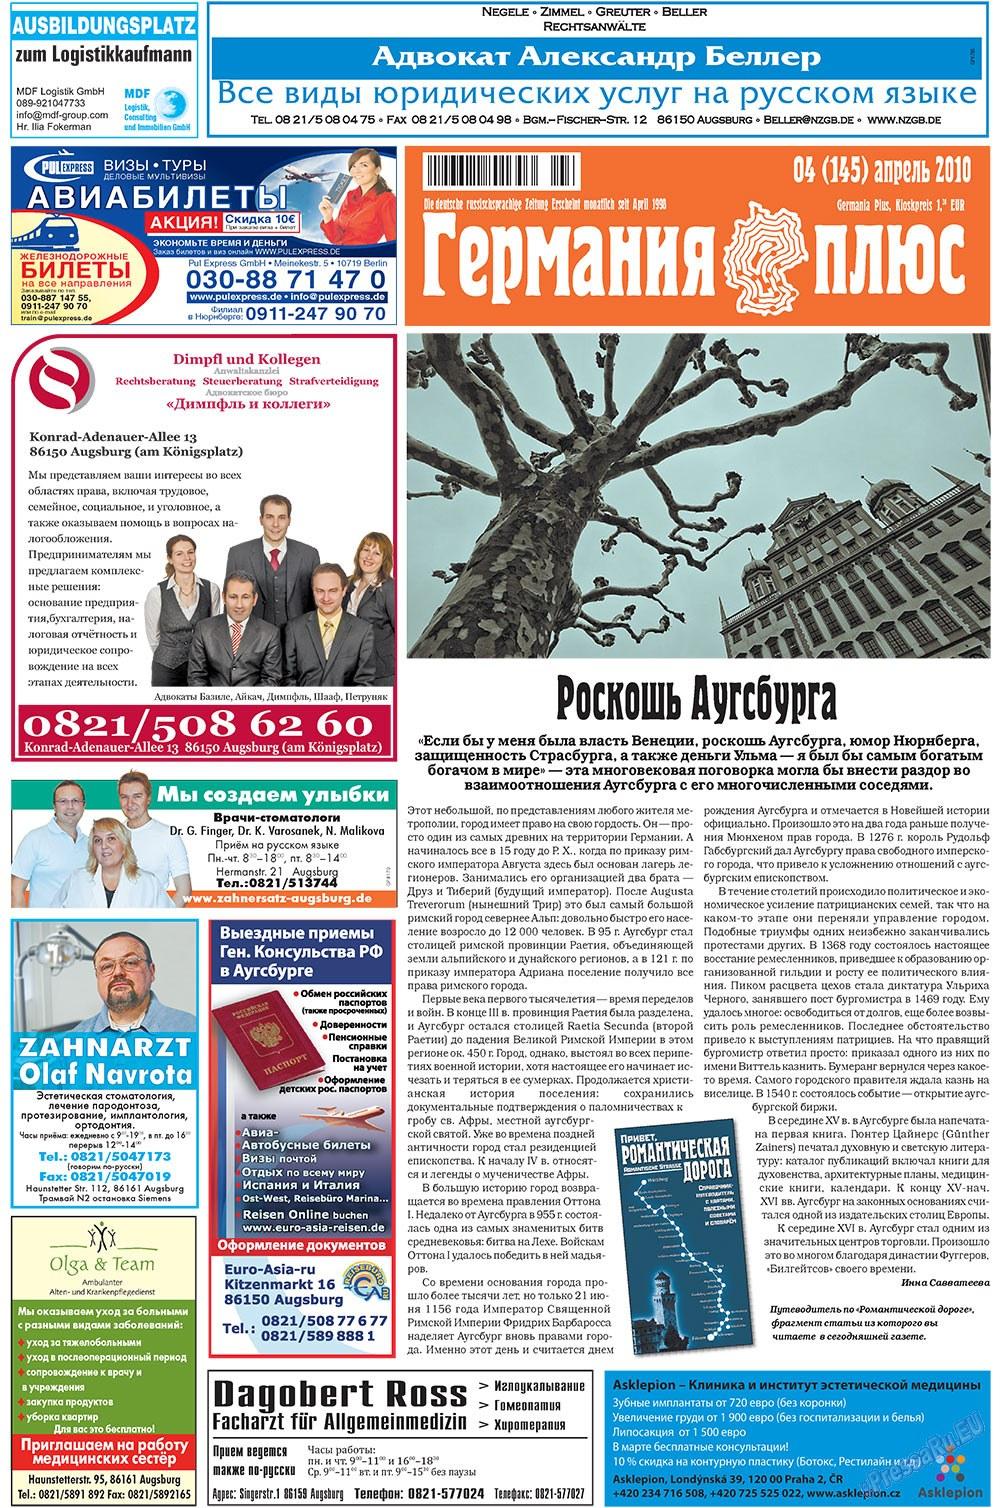 Германия плюс (газета). 2010 год, номер 4, стр. 1